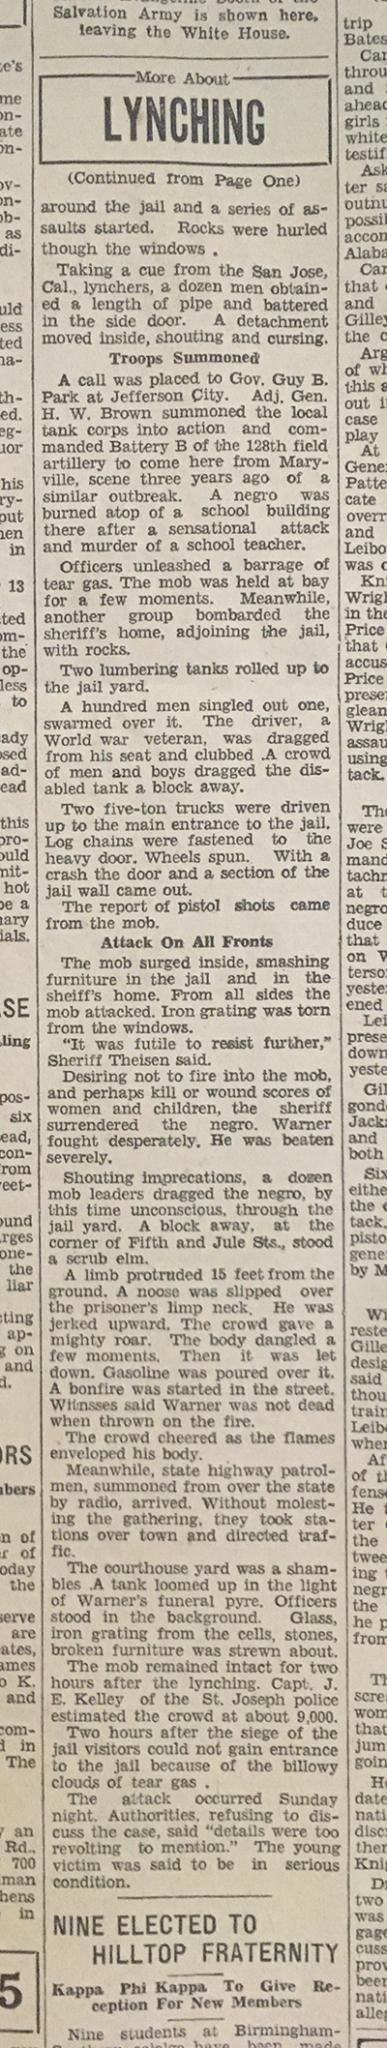 lloyd-warner-lynching-6